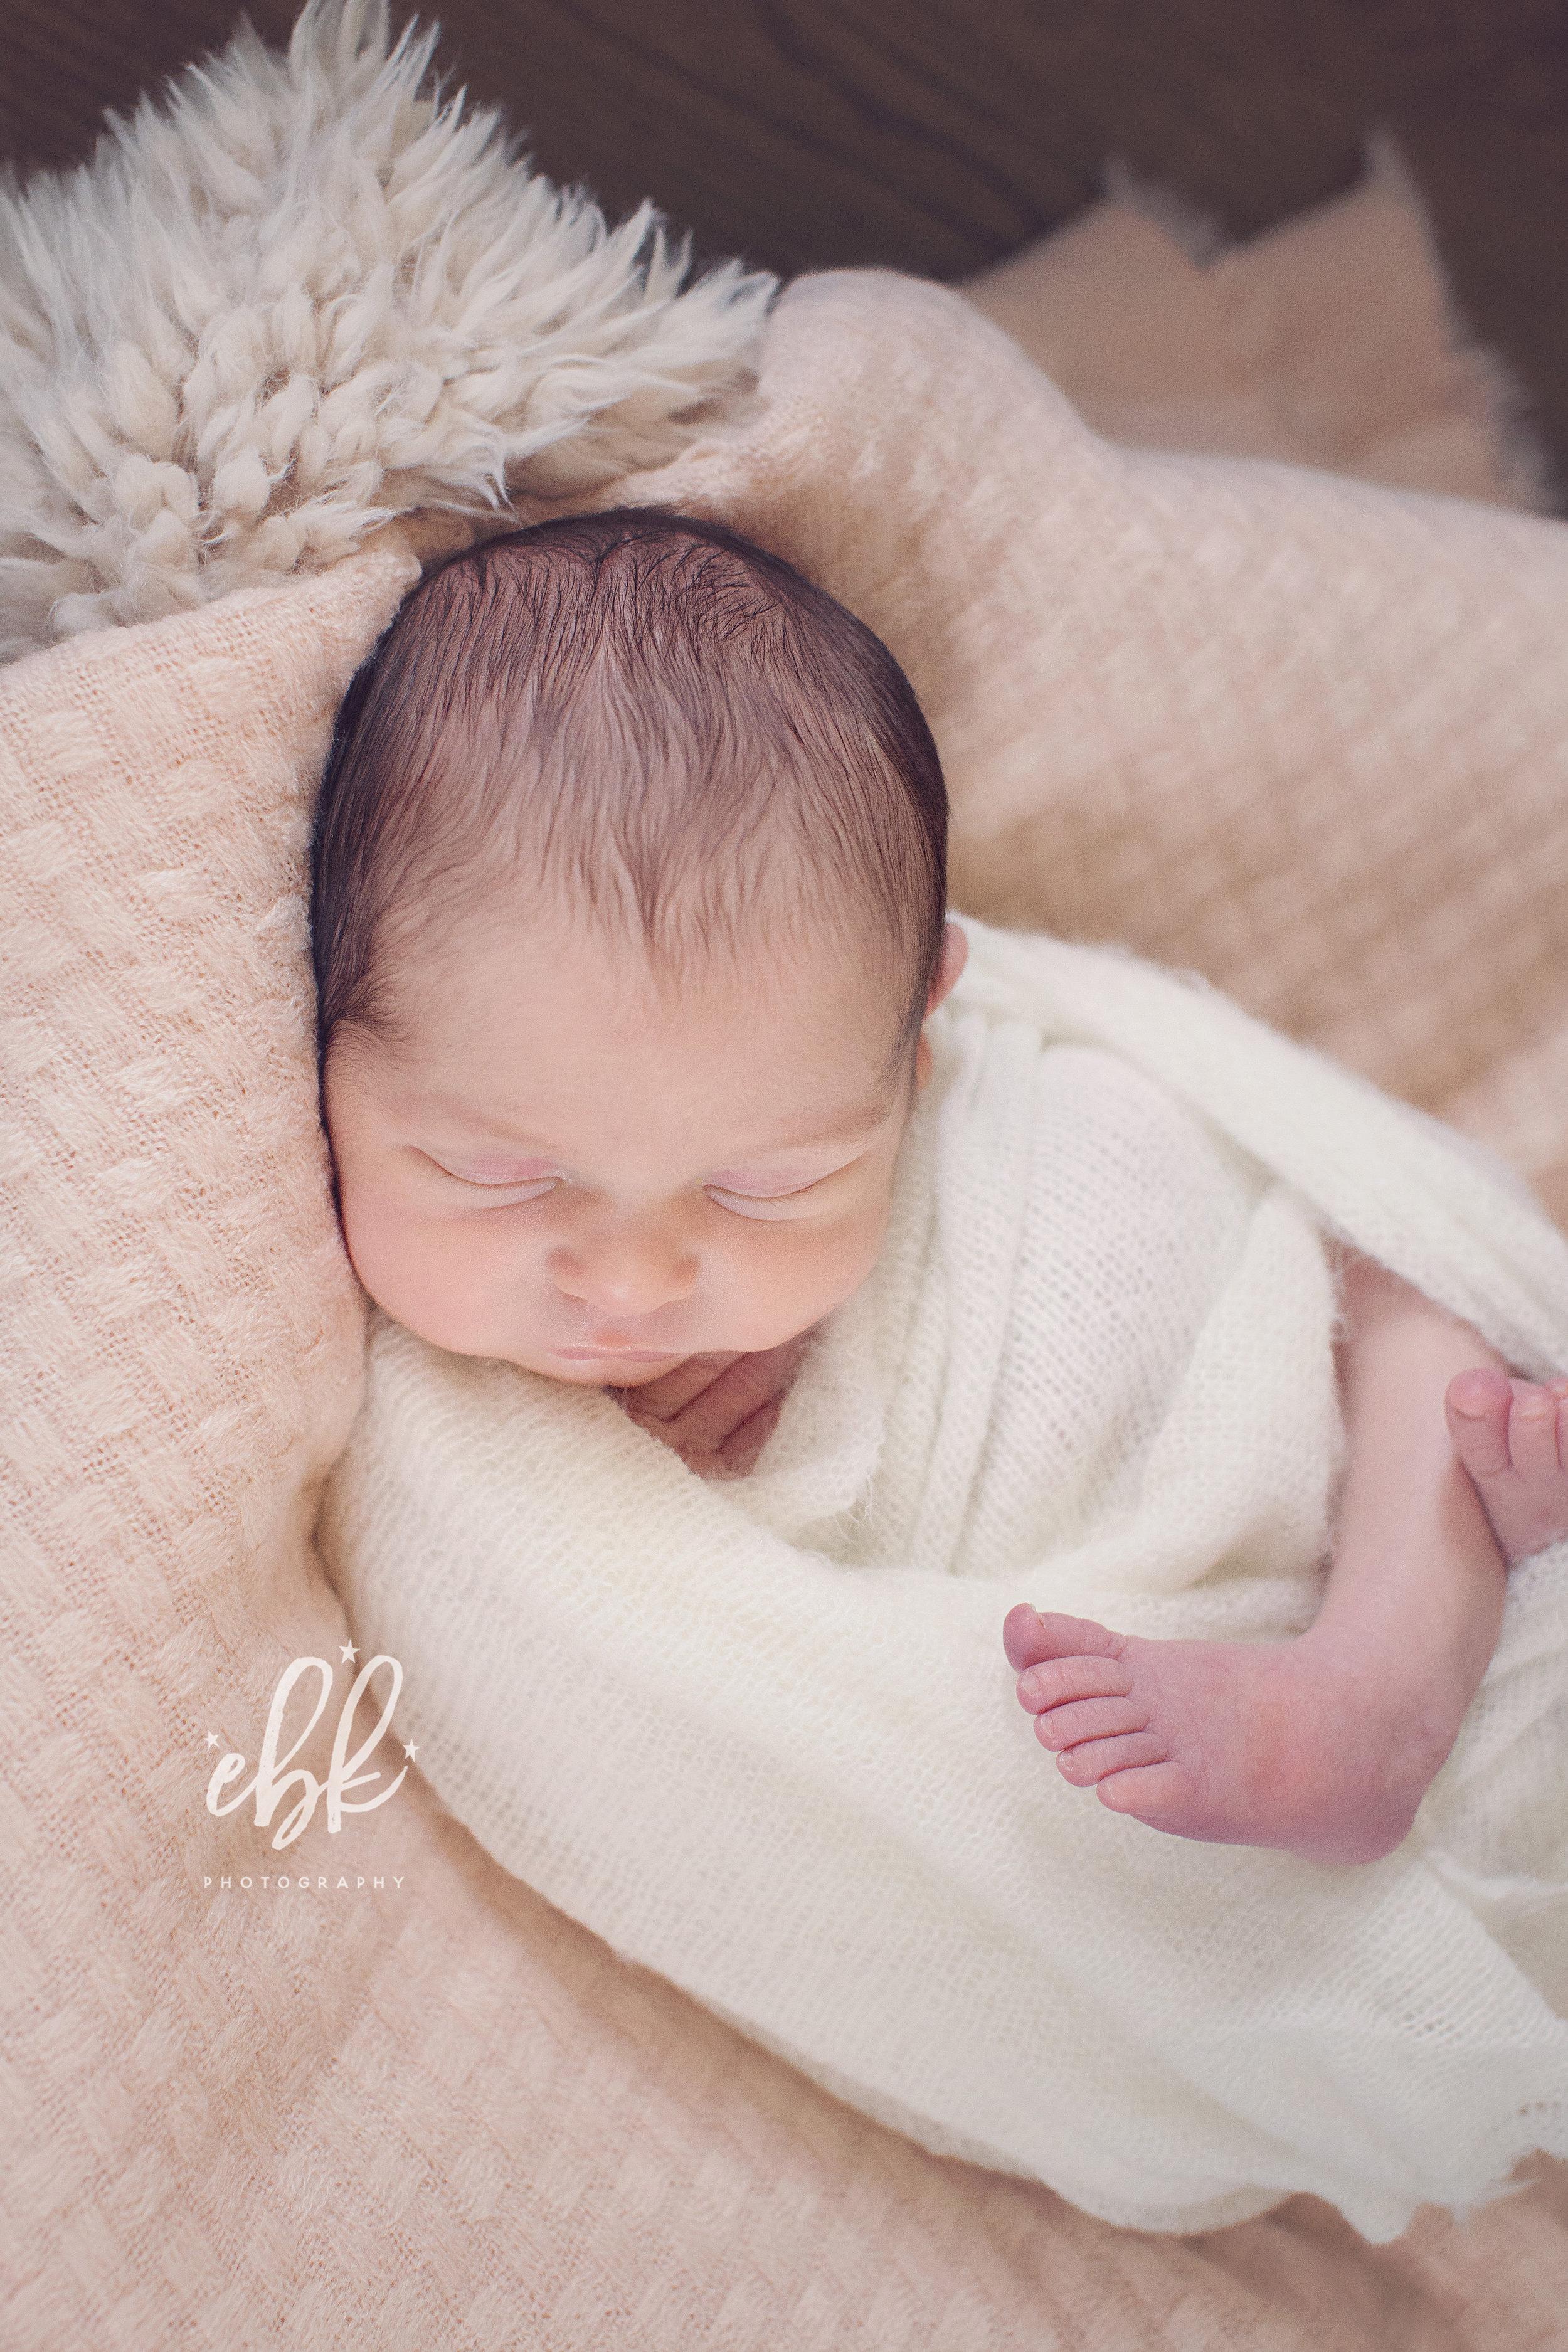 Jeser_Newborn2019-15.jpg